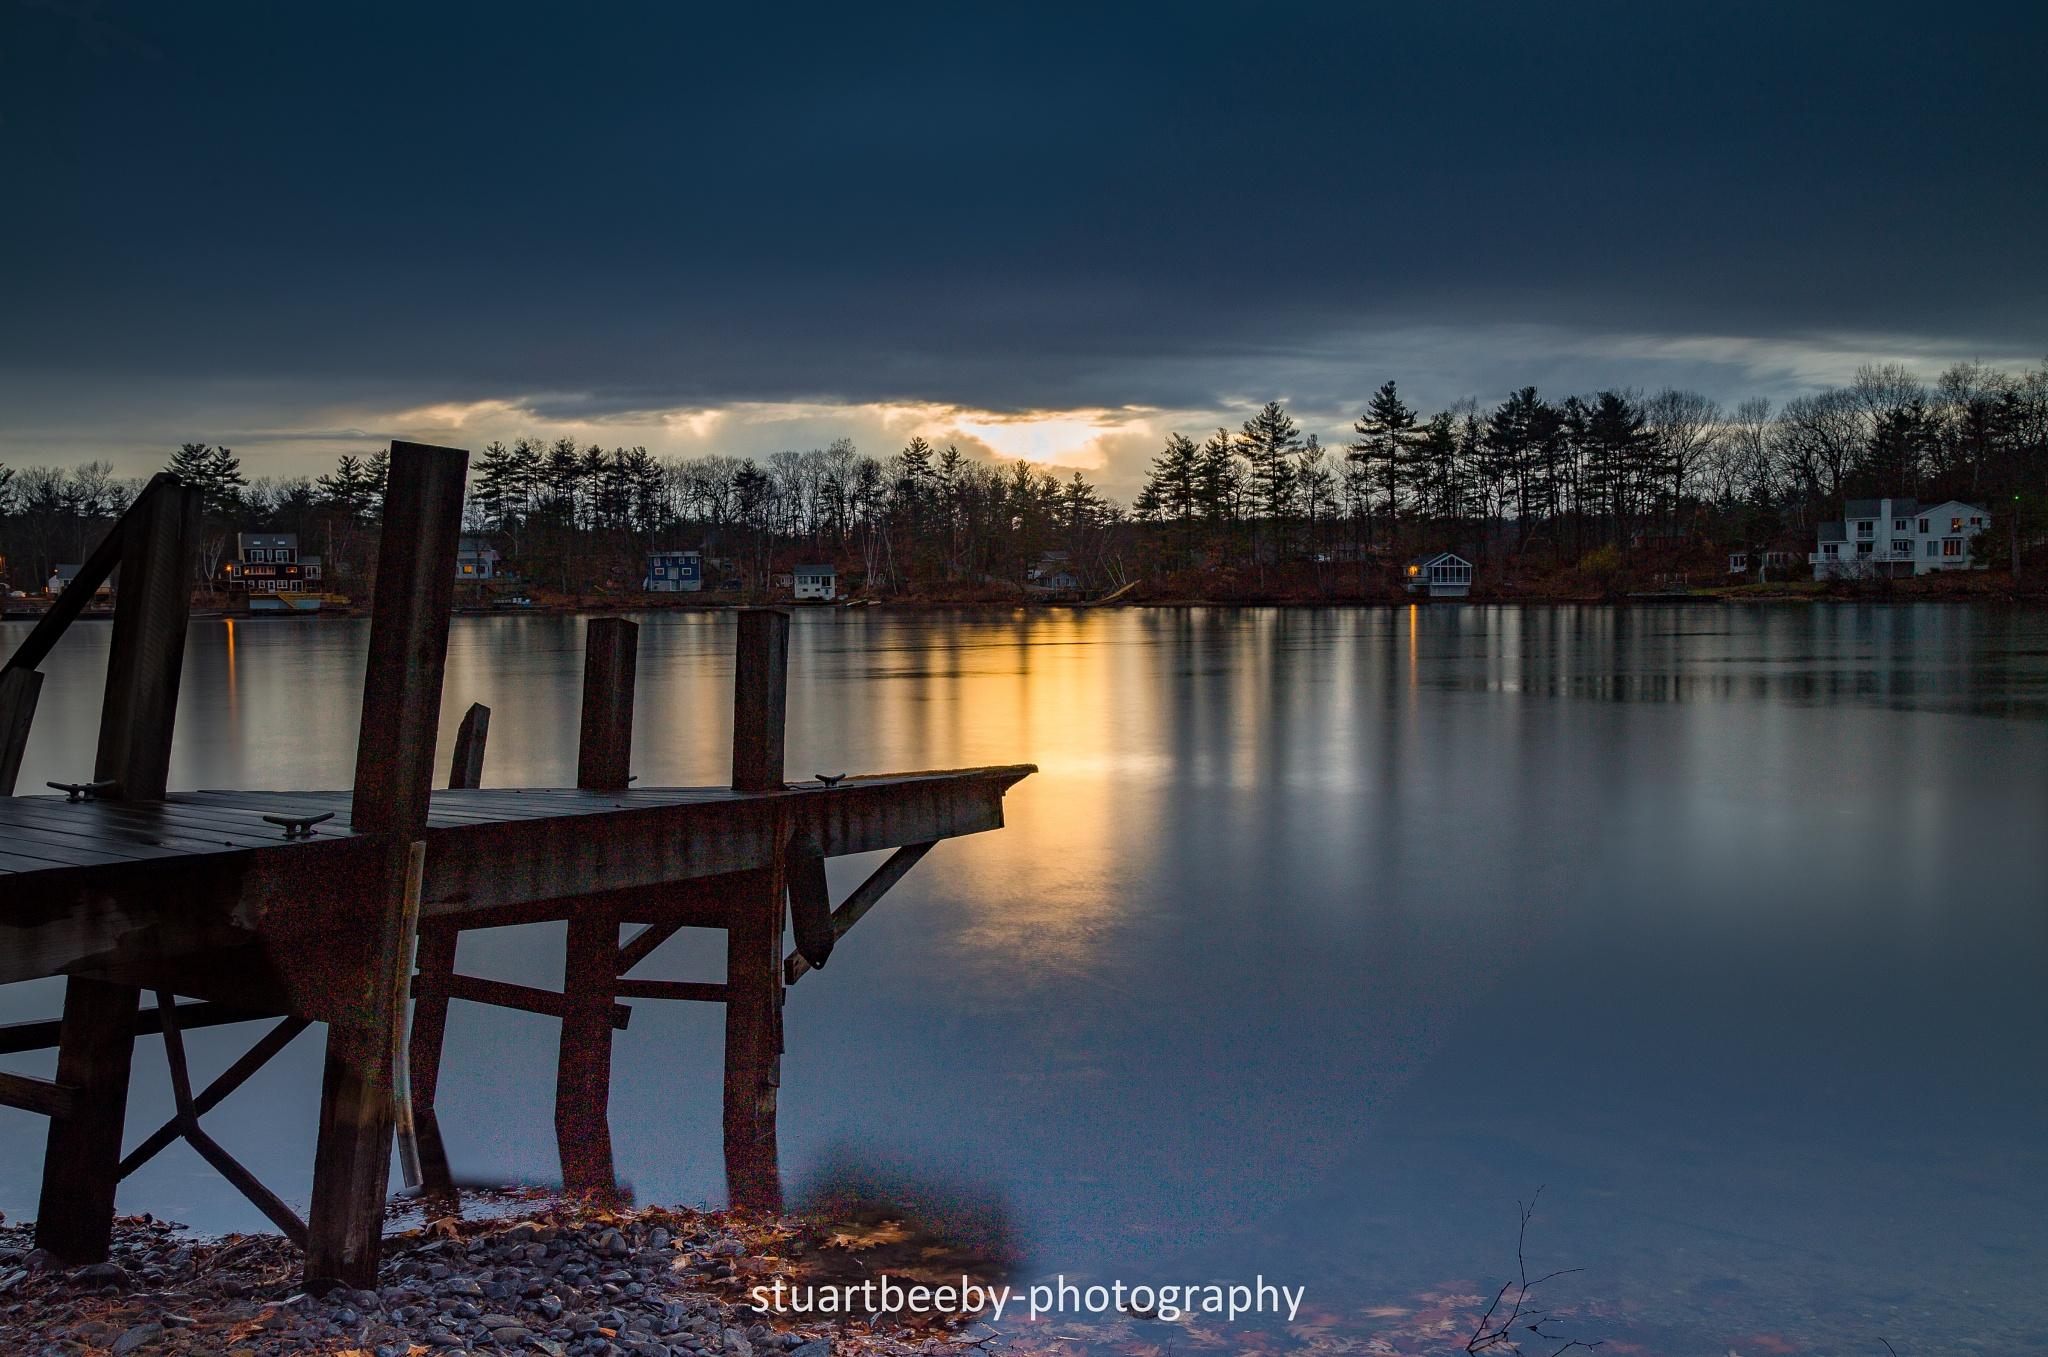 Knops Pond by Stuart Beeby